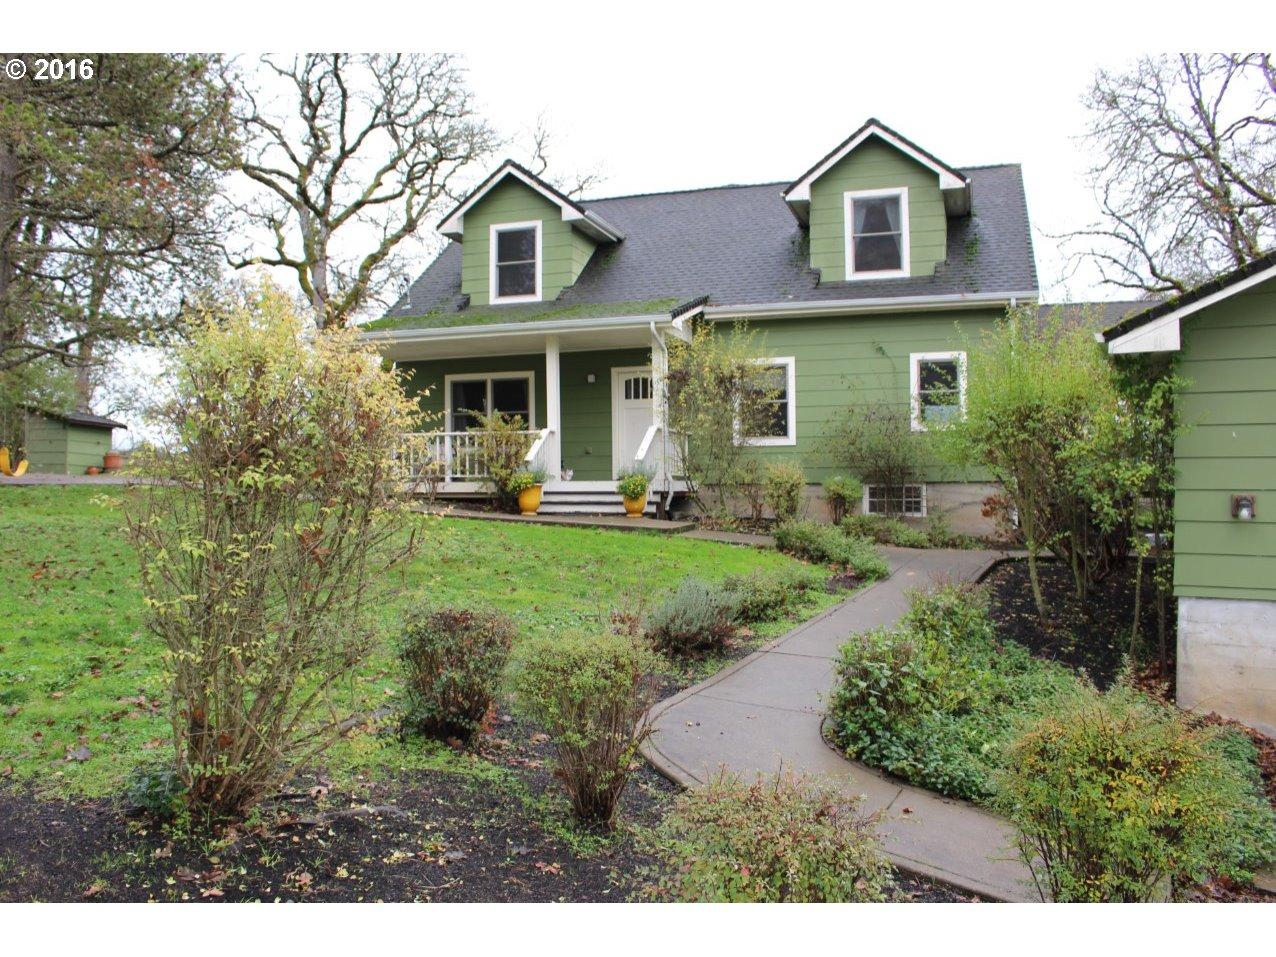 Eugene oregon real estate houses homes for sale in for Eugene oregon home builders